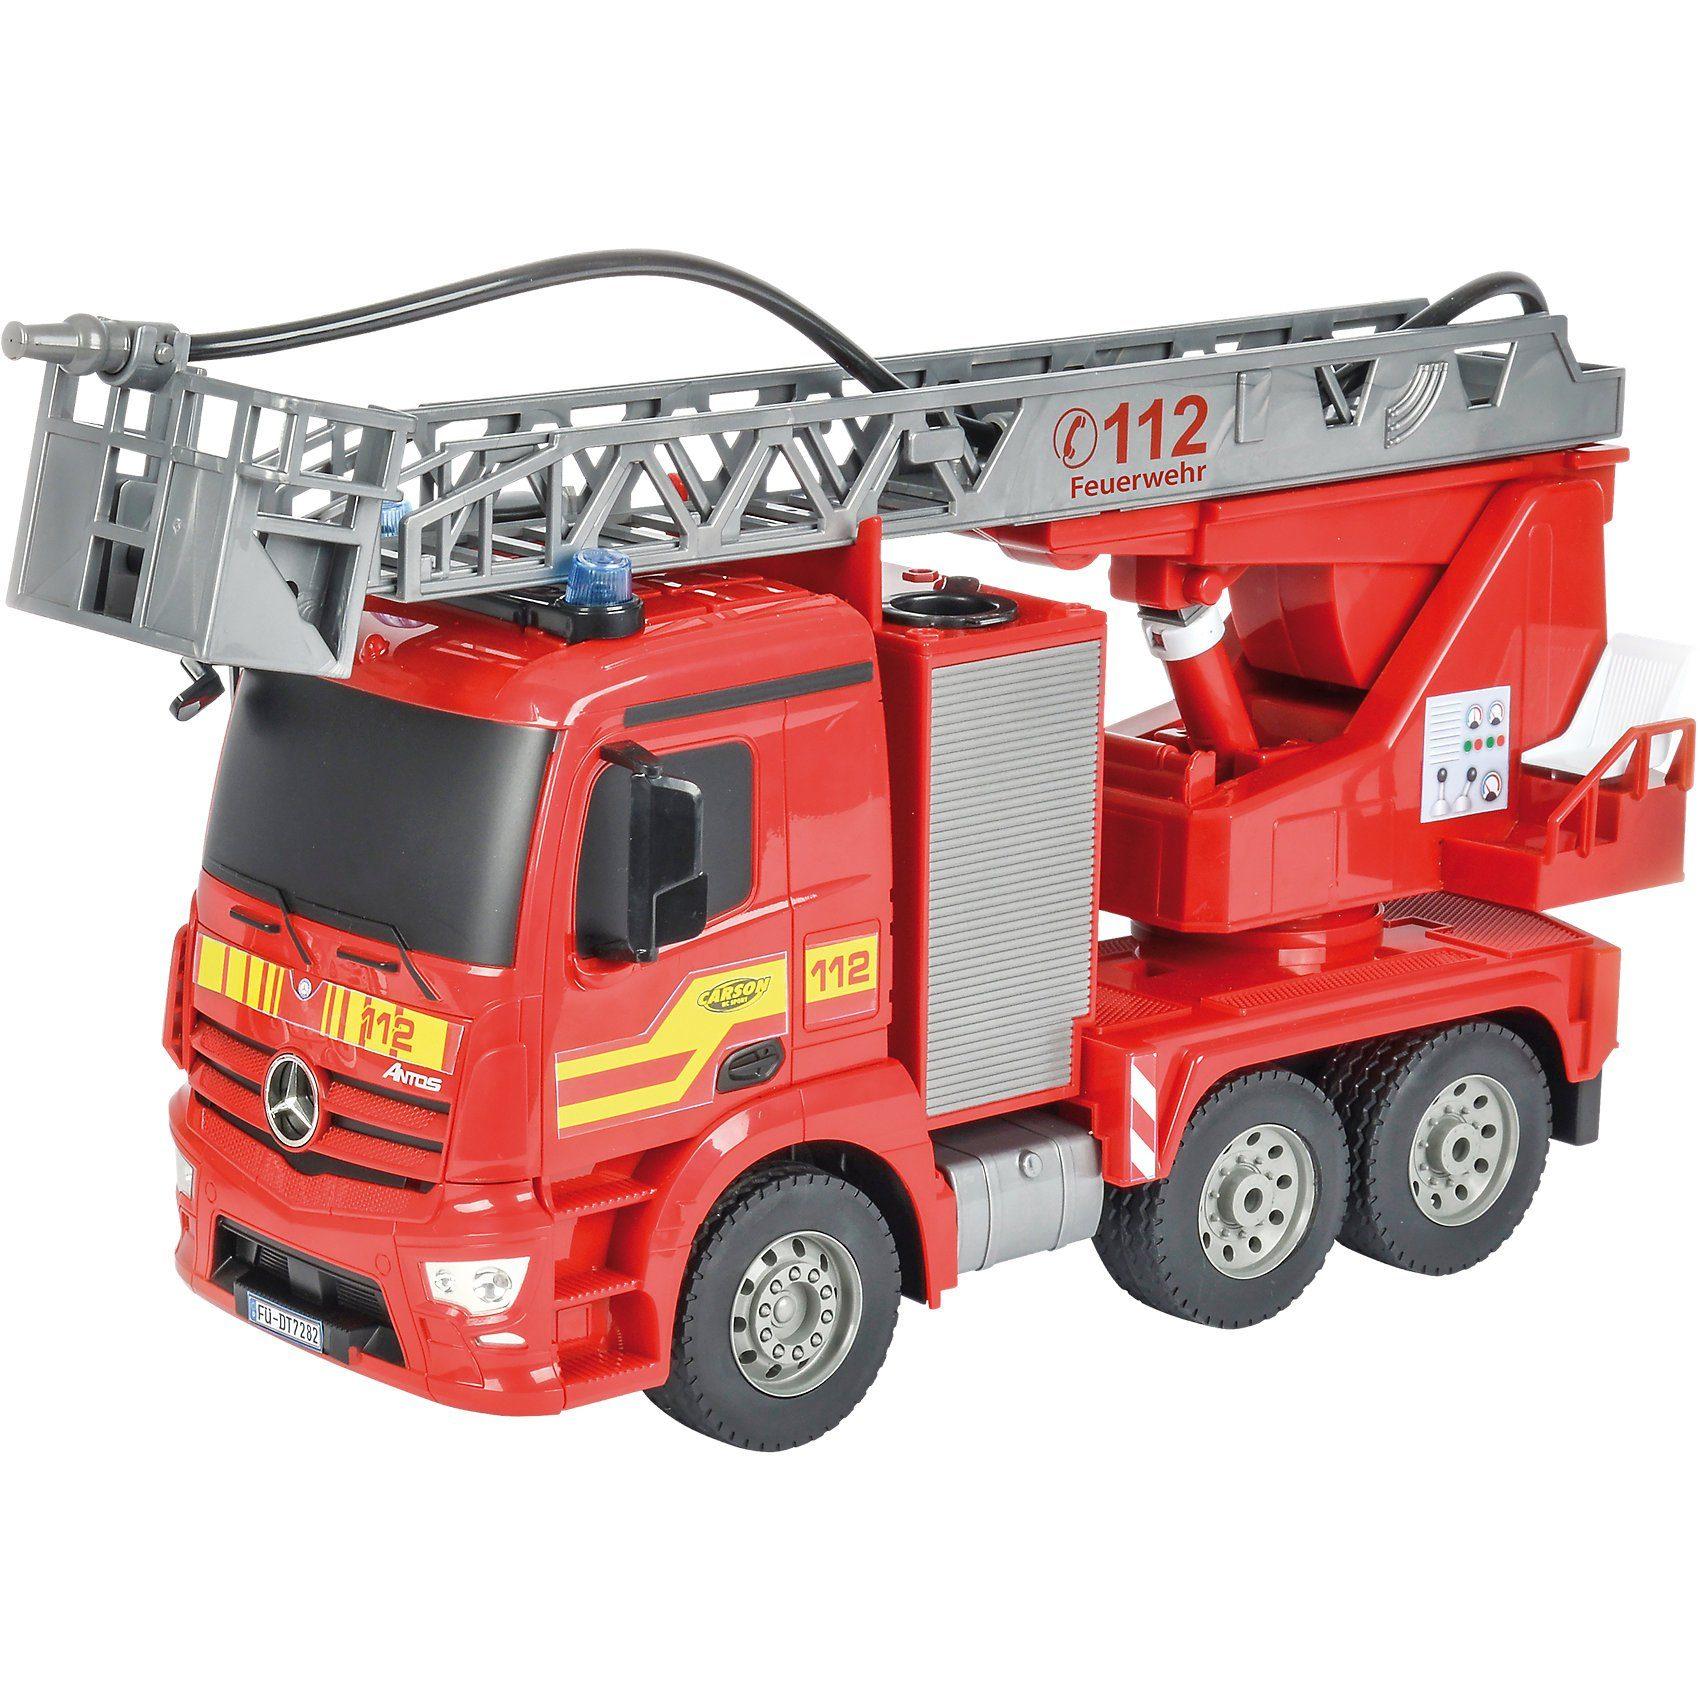 CARSON Feuerwehrwagen 2,4 GHz 1:20